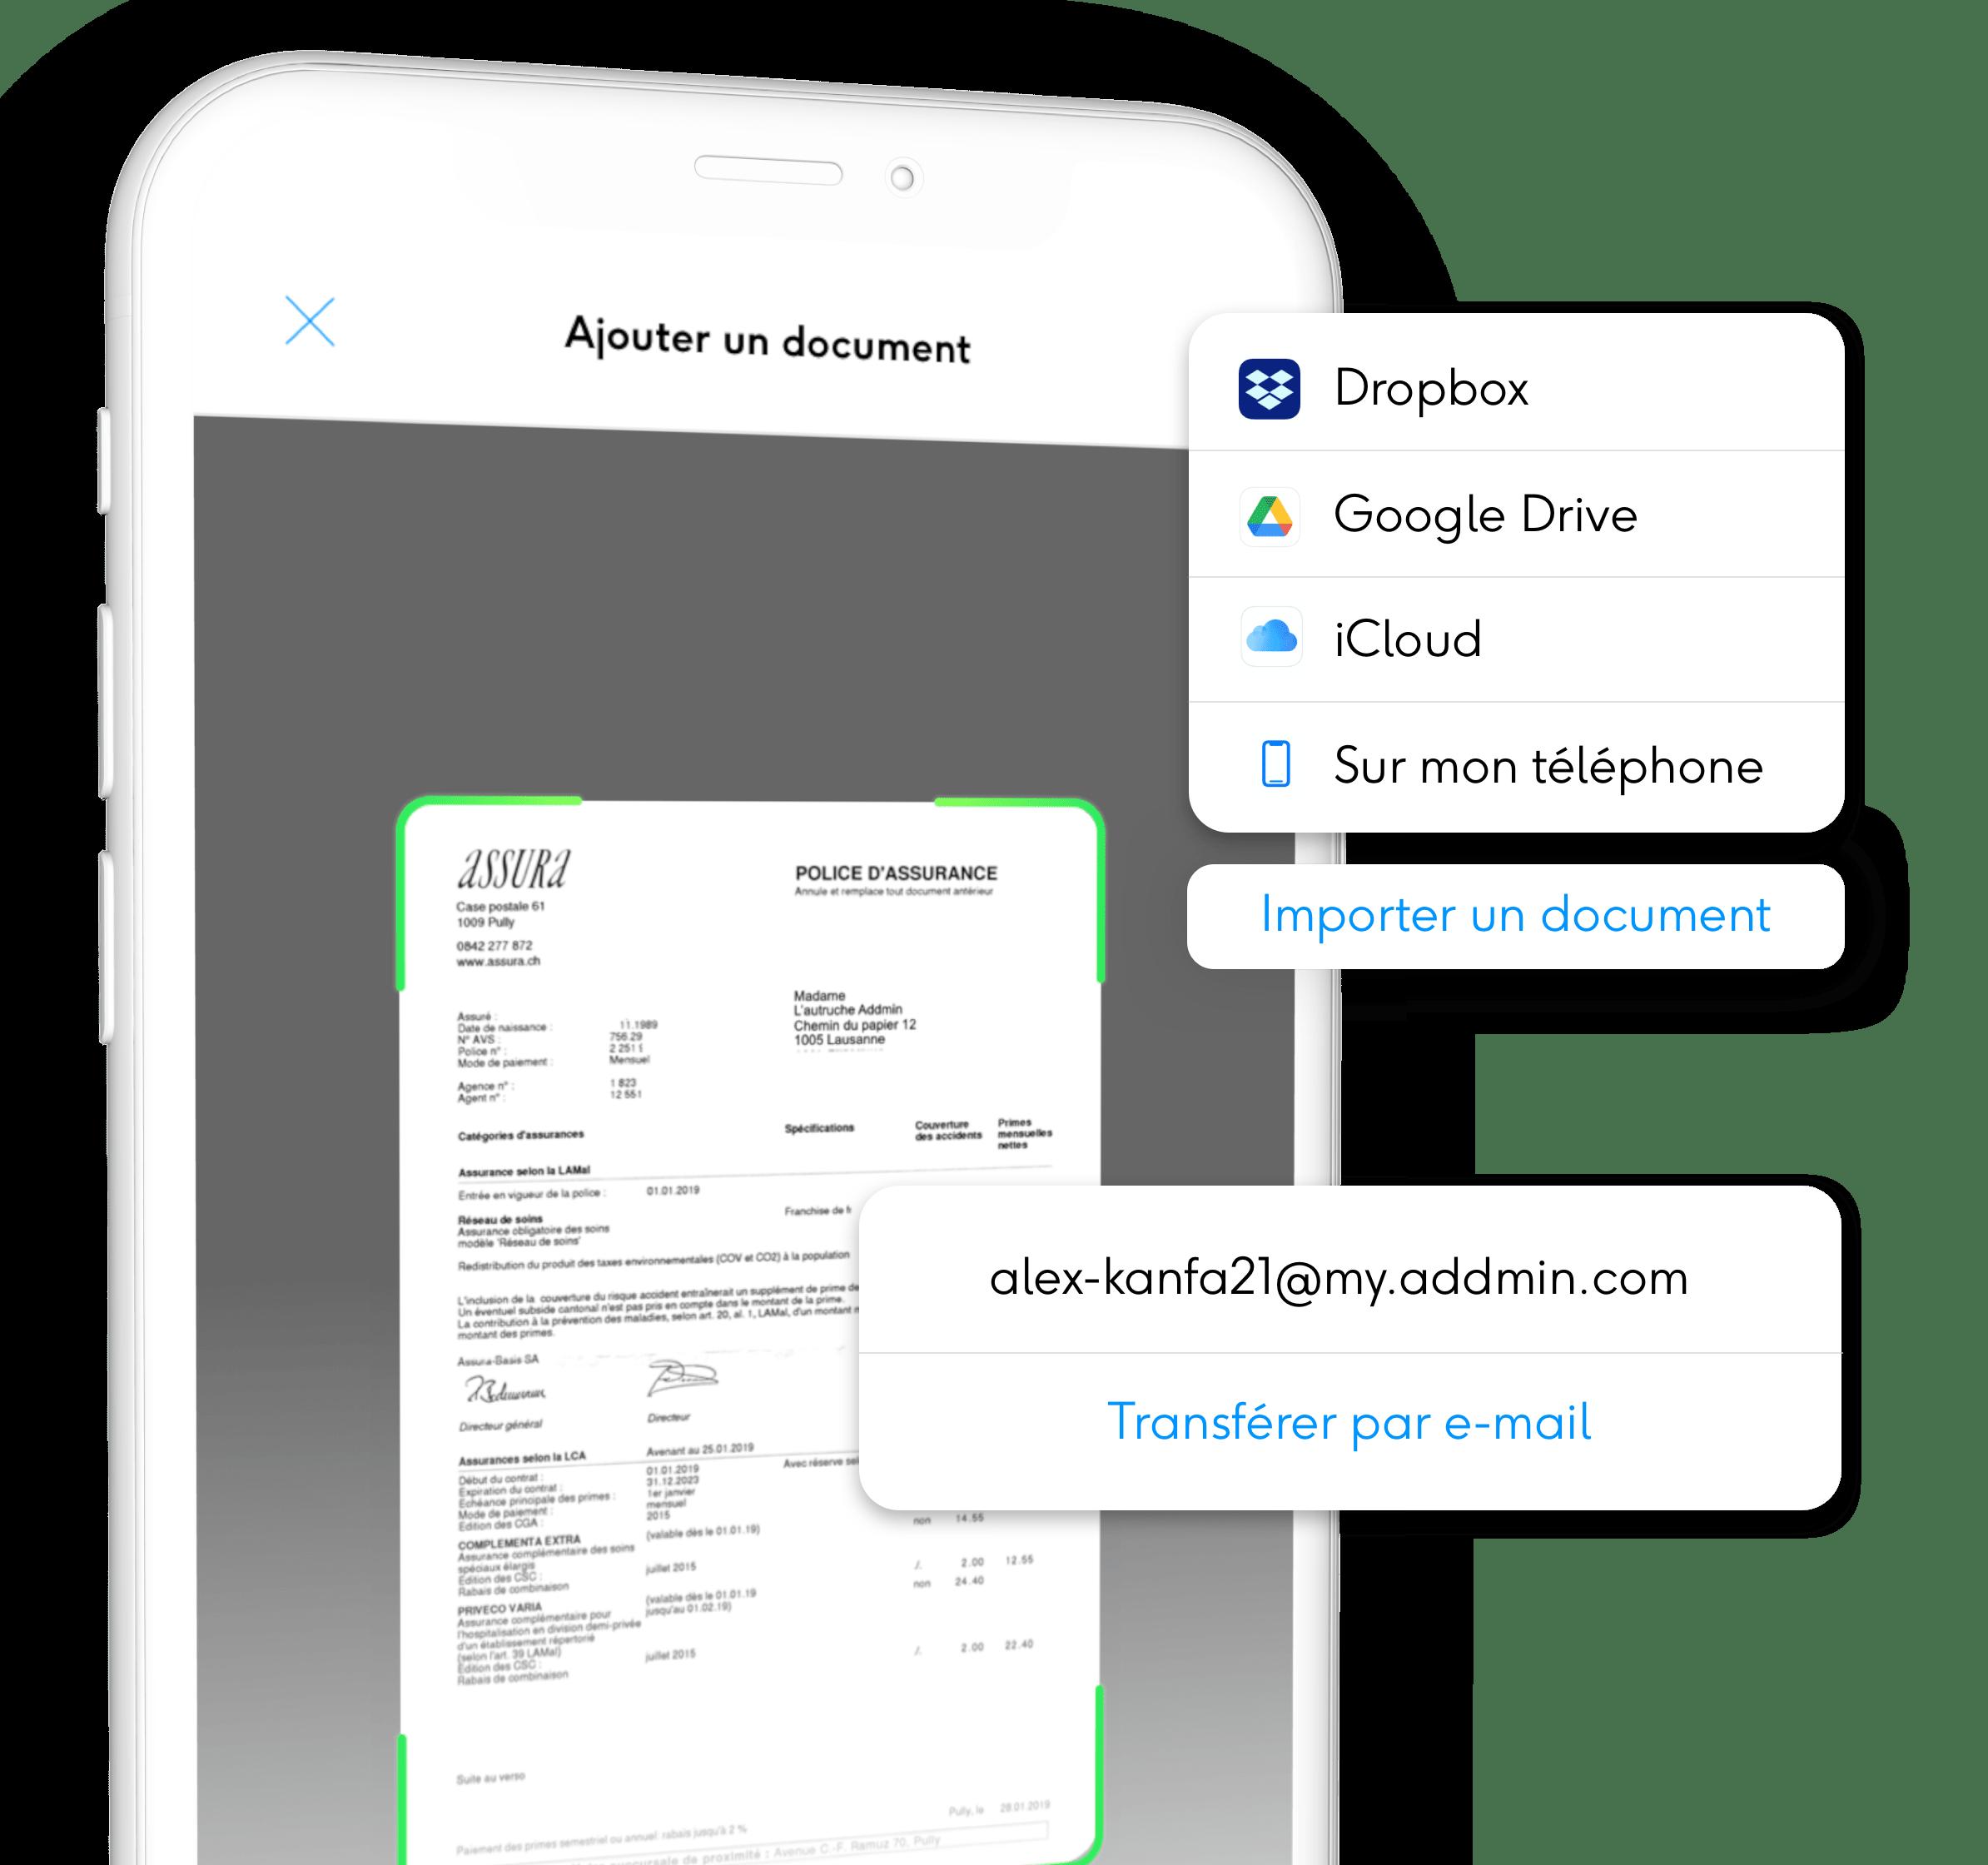 Ajouter un document